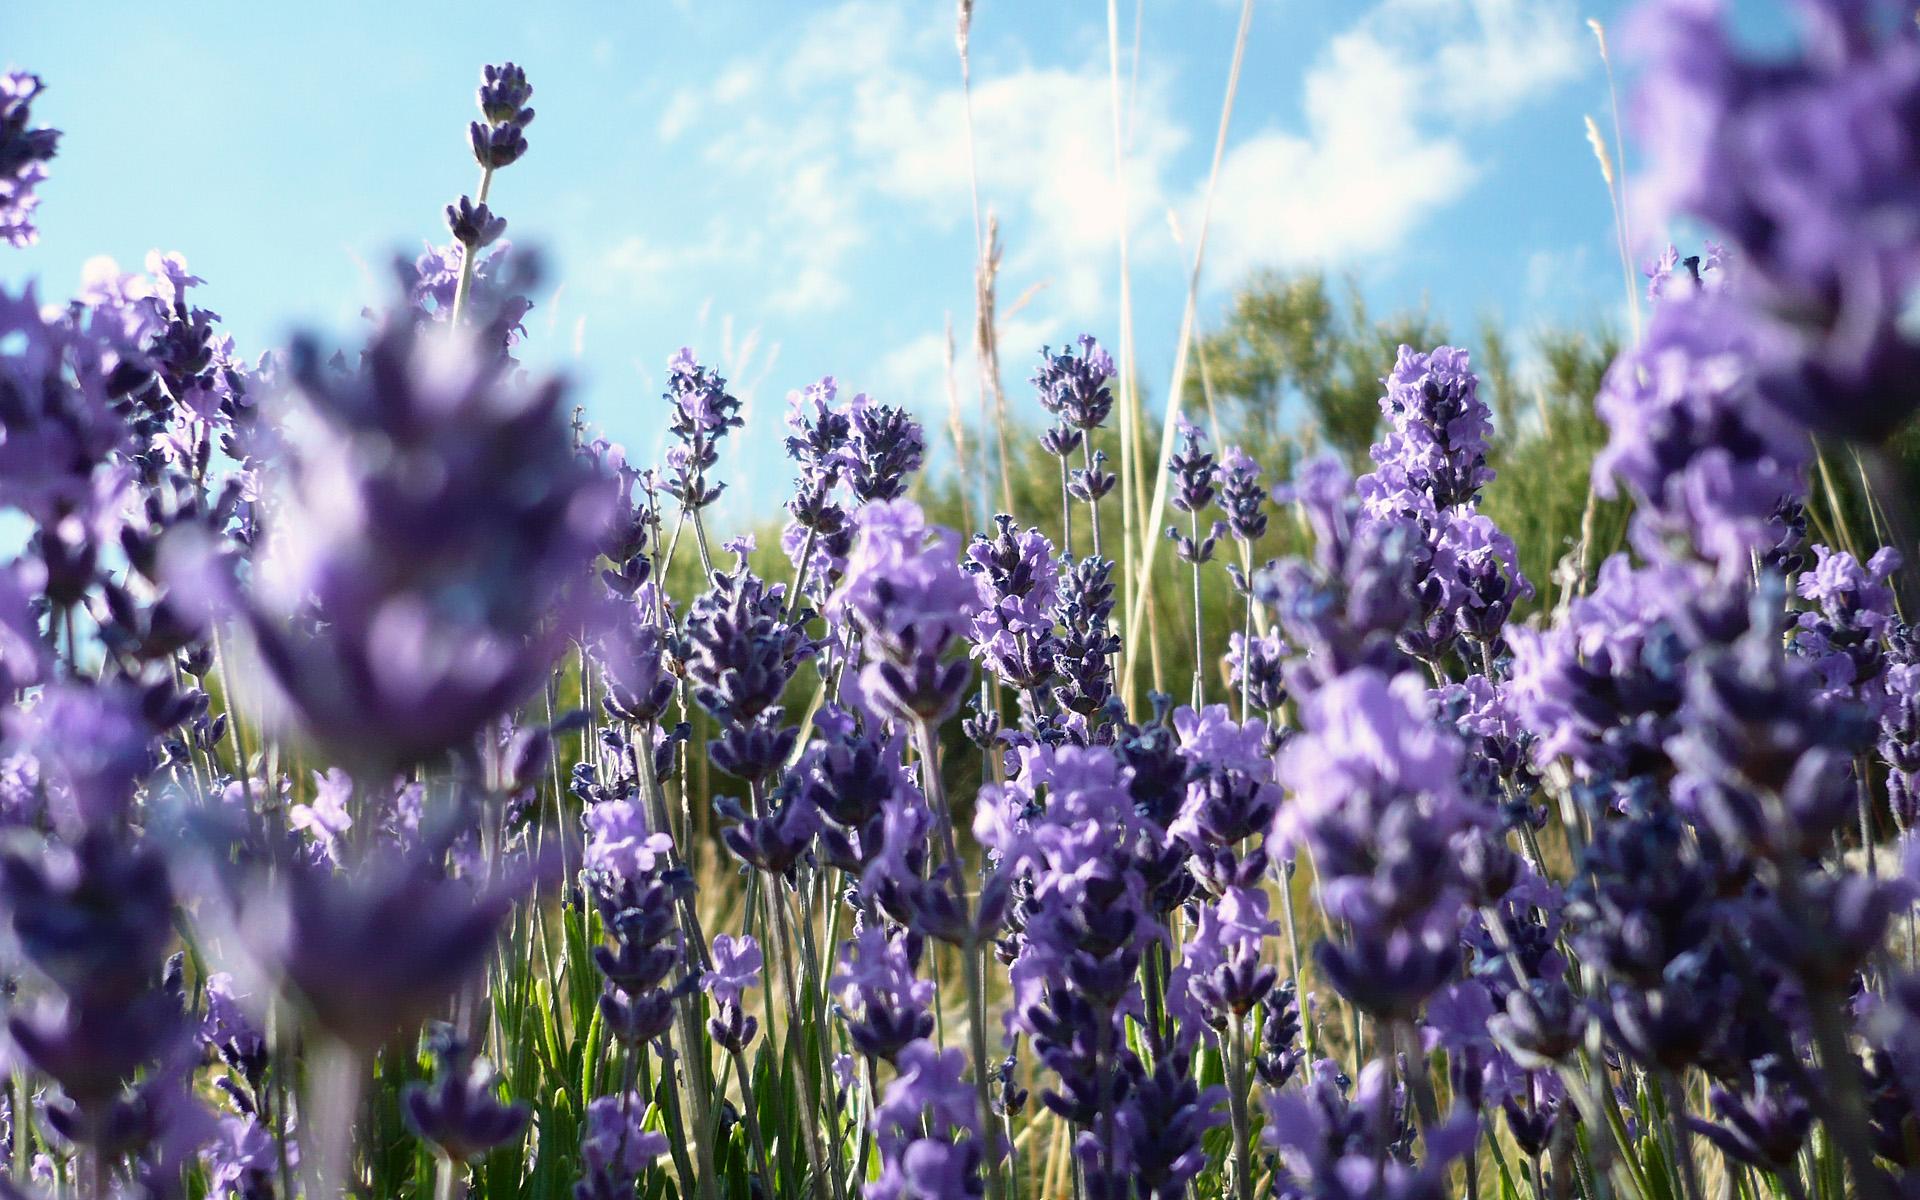 Скачать обои полевые цветы луг лето